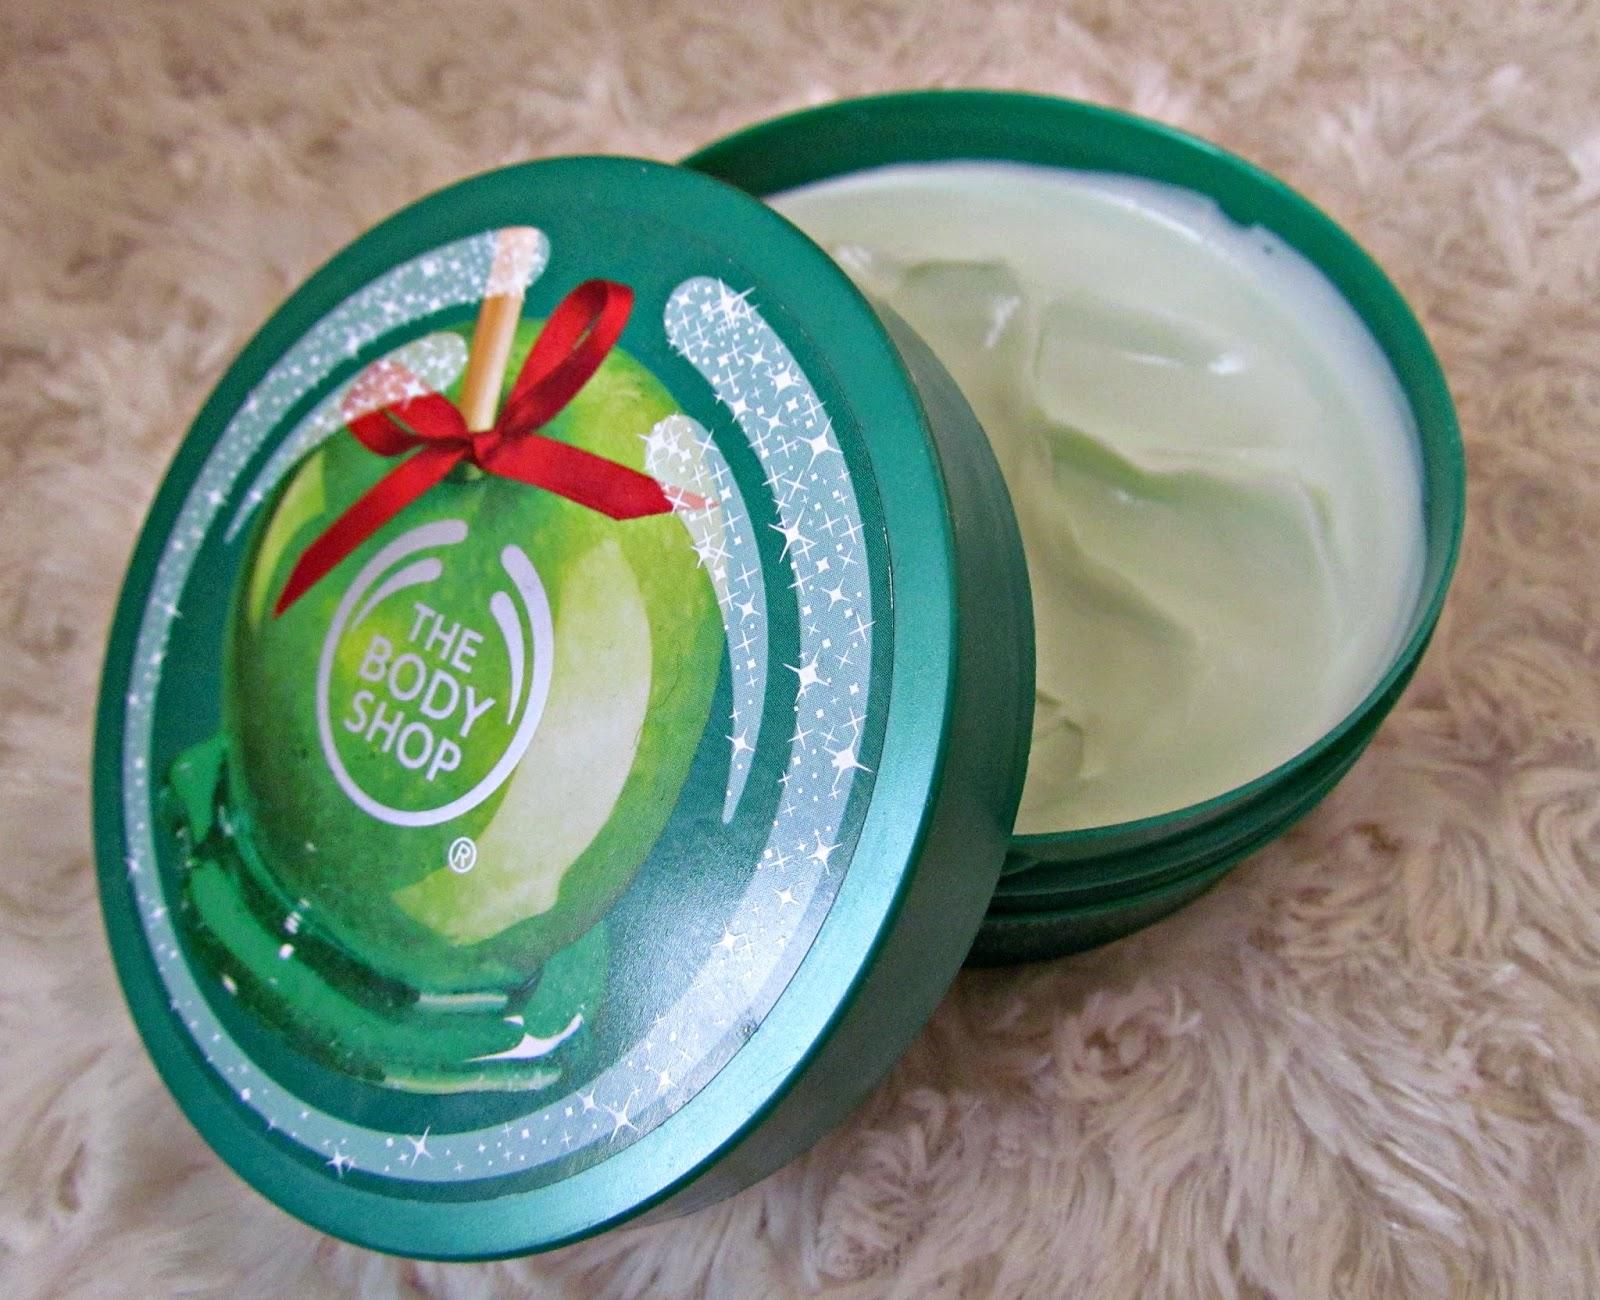 Body Shop Golden Apple Body Butter Glazed Apple Body Butter